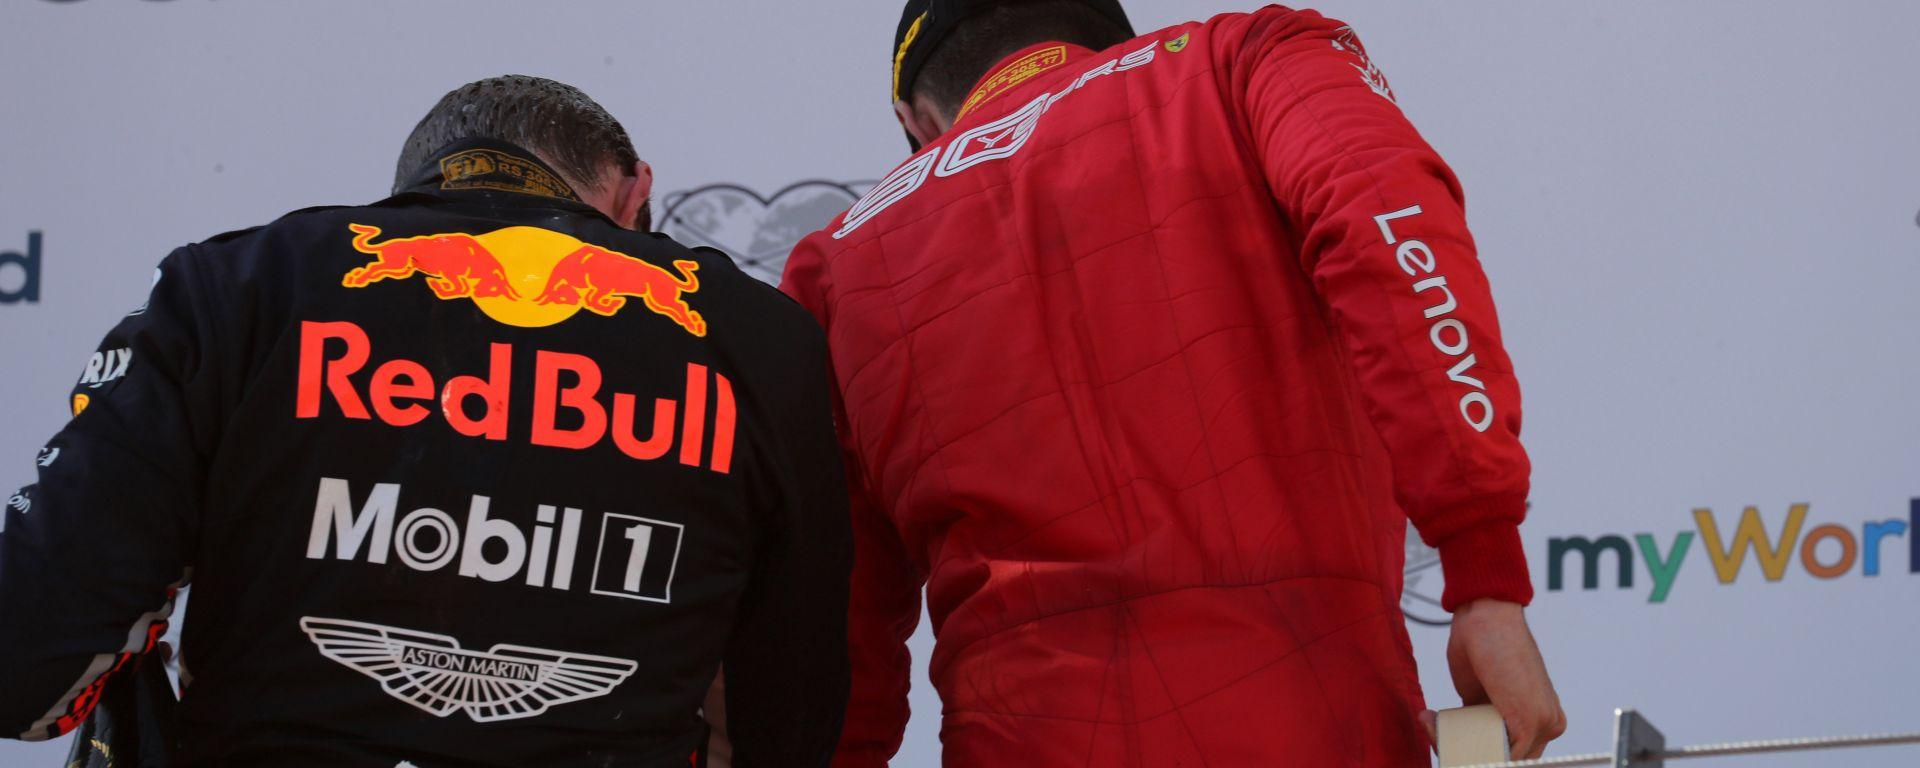 F1 GP Austria 2019, Leclerc e Verstappen sul podio del Red Bull Ring